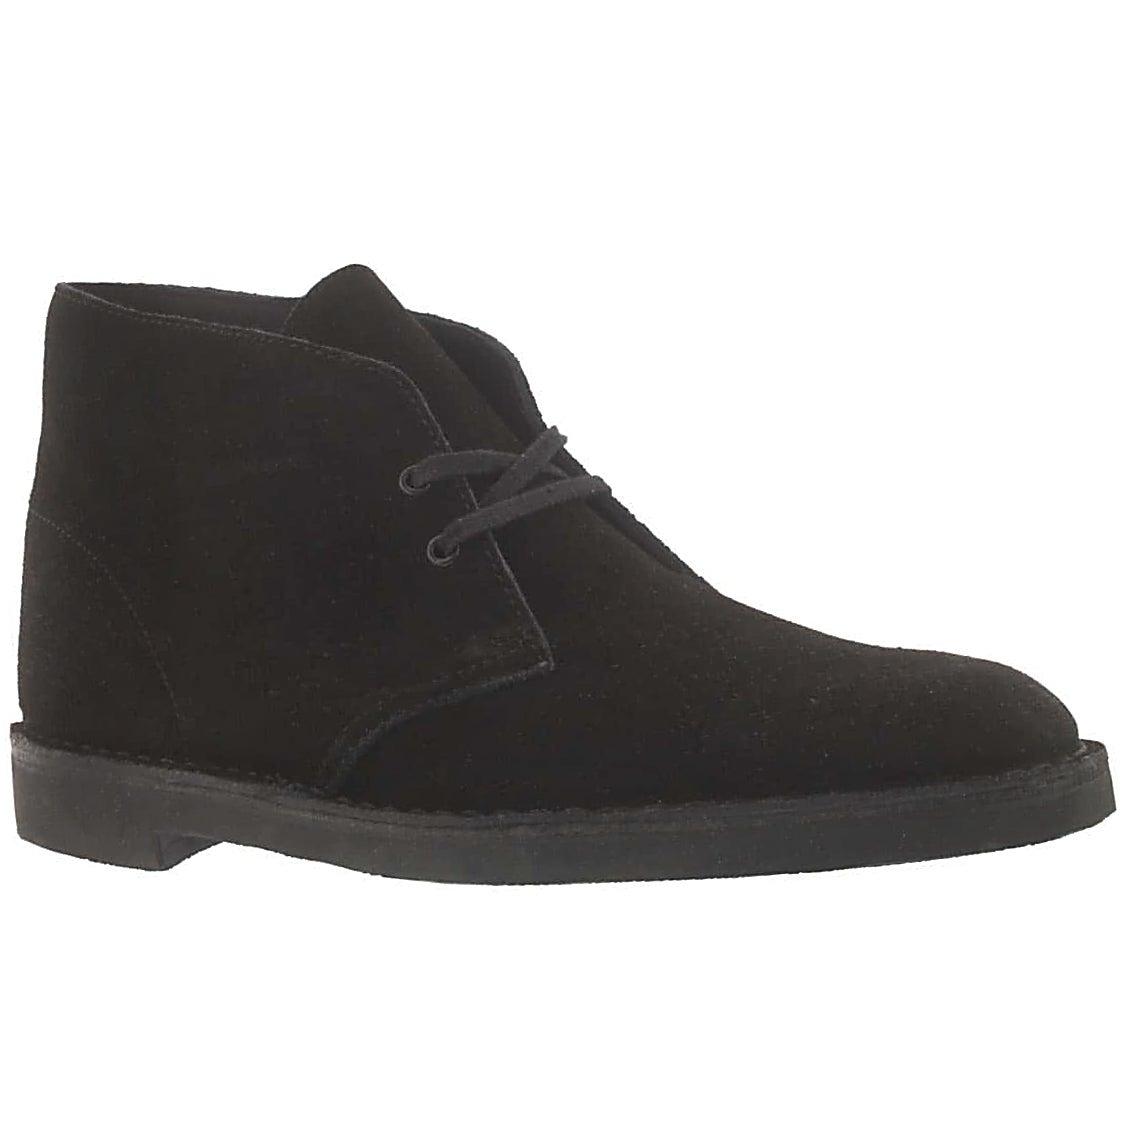 Mns Bushacre black suede desert boot